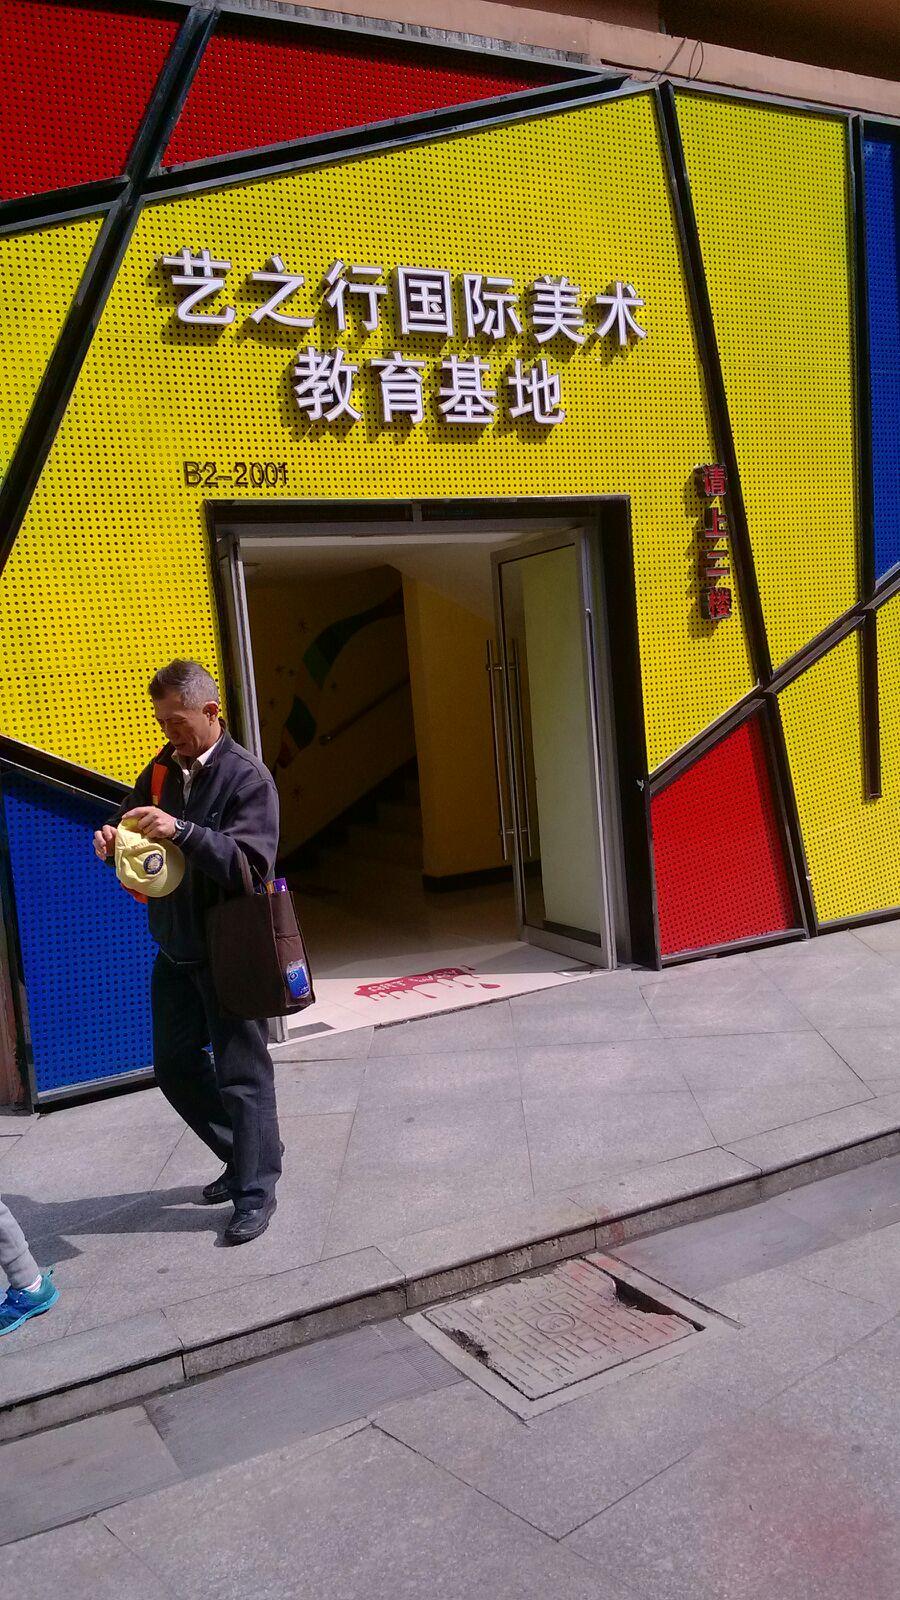 艺之行国际美术教育基地(弘阳店)图片